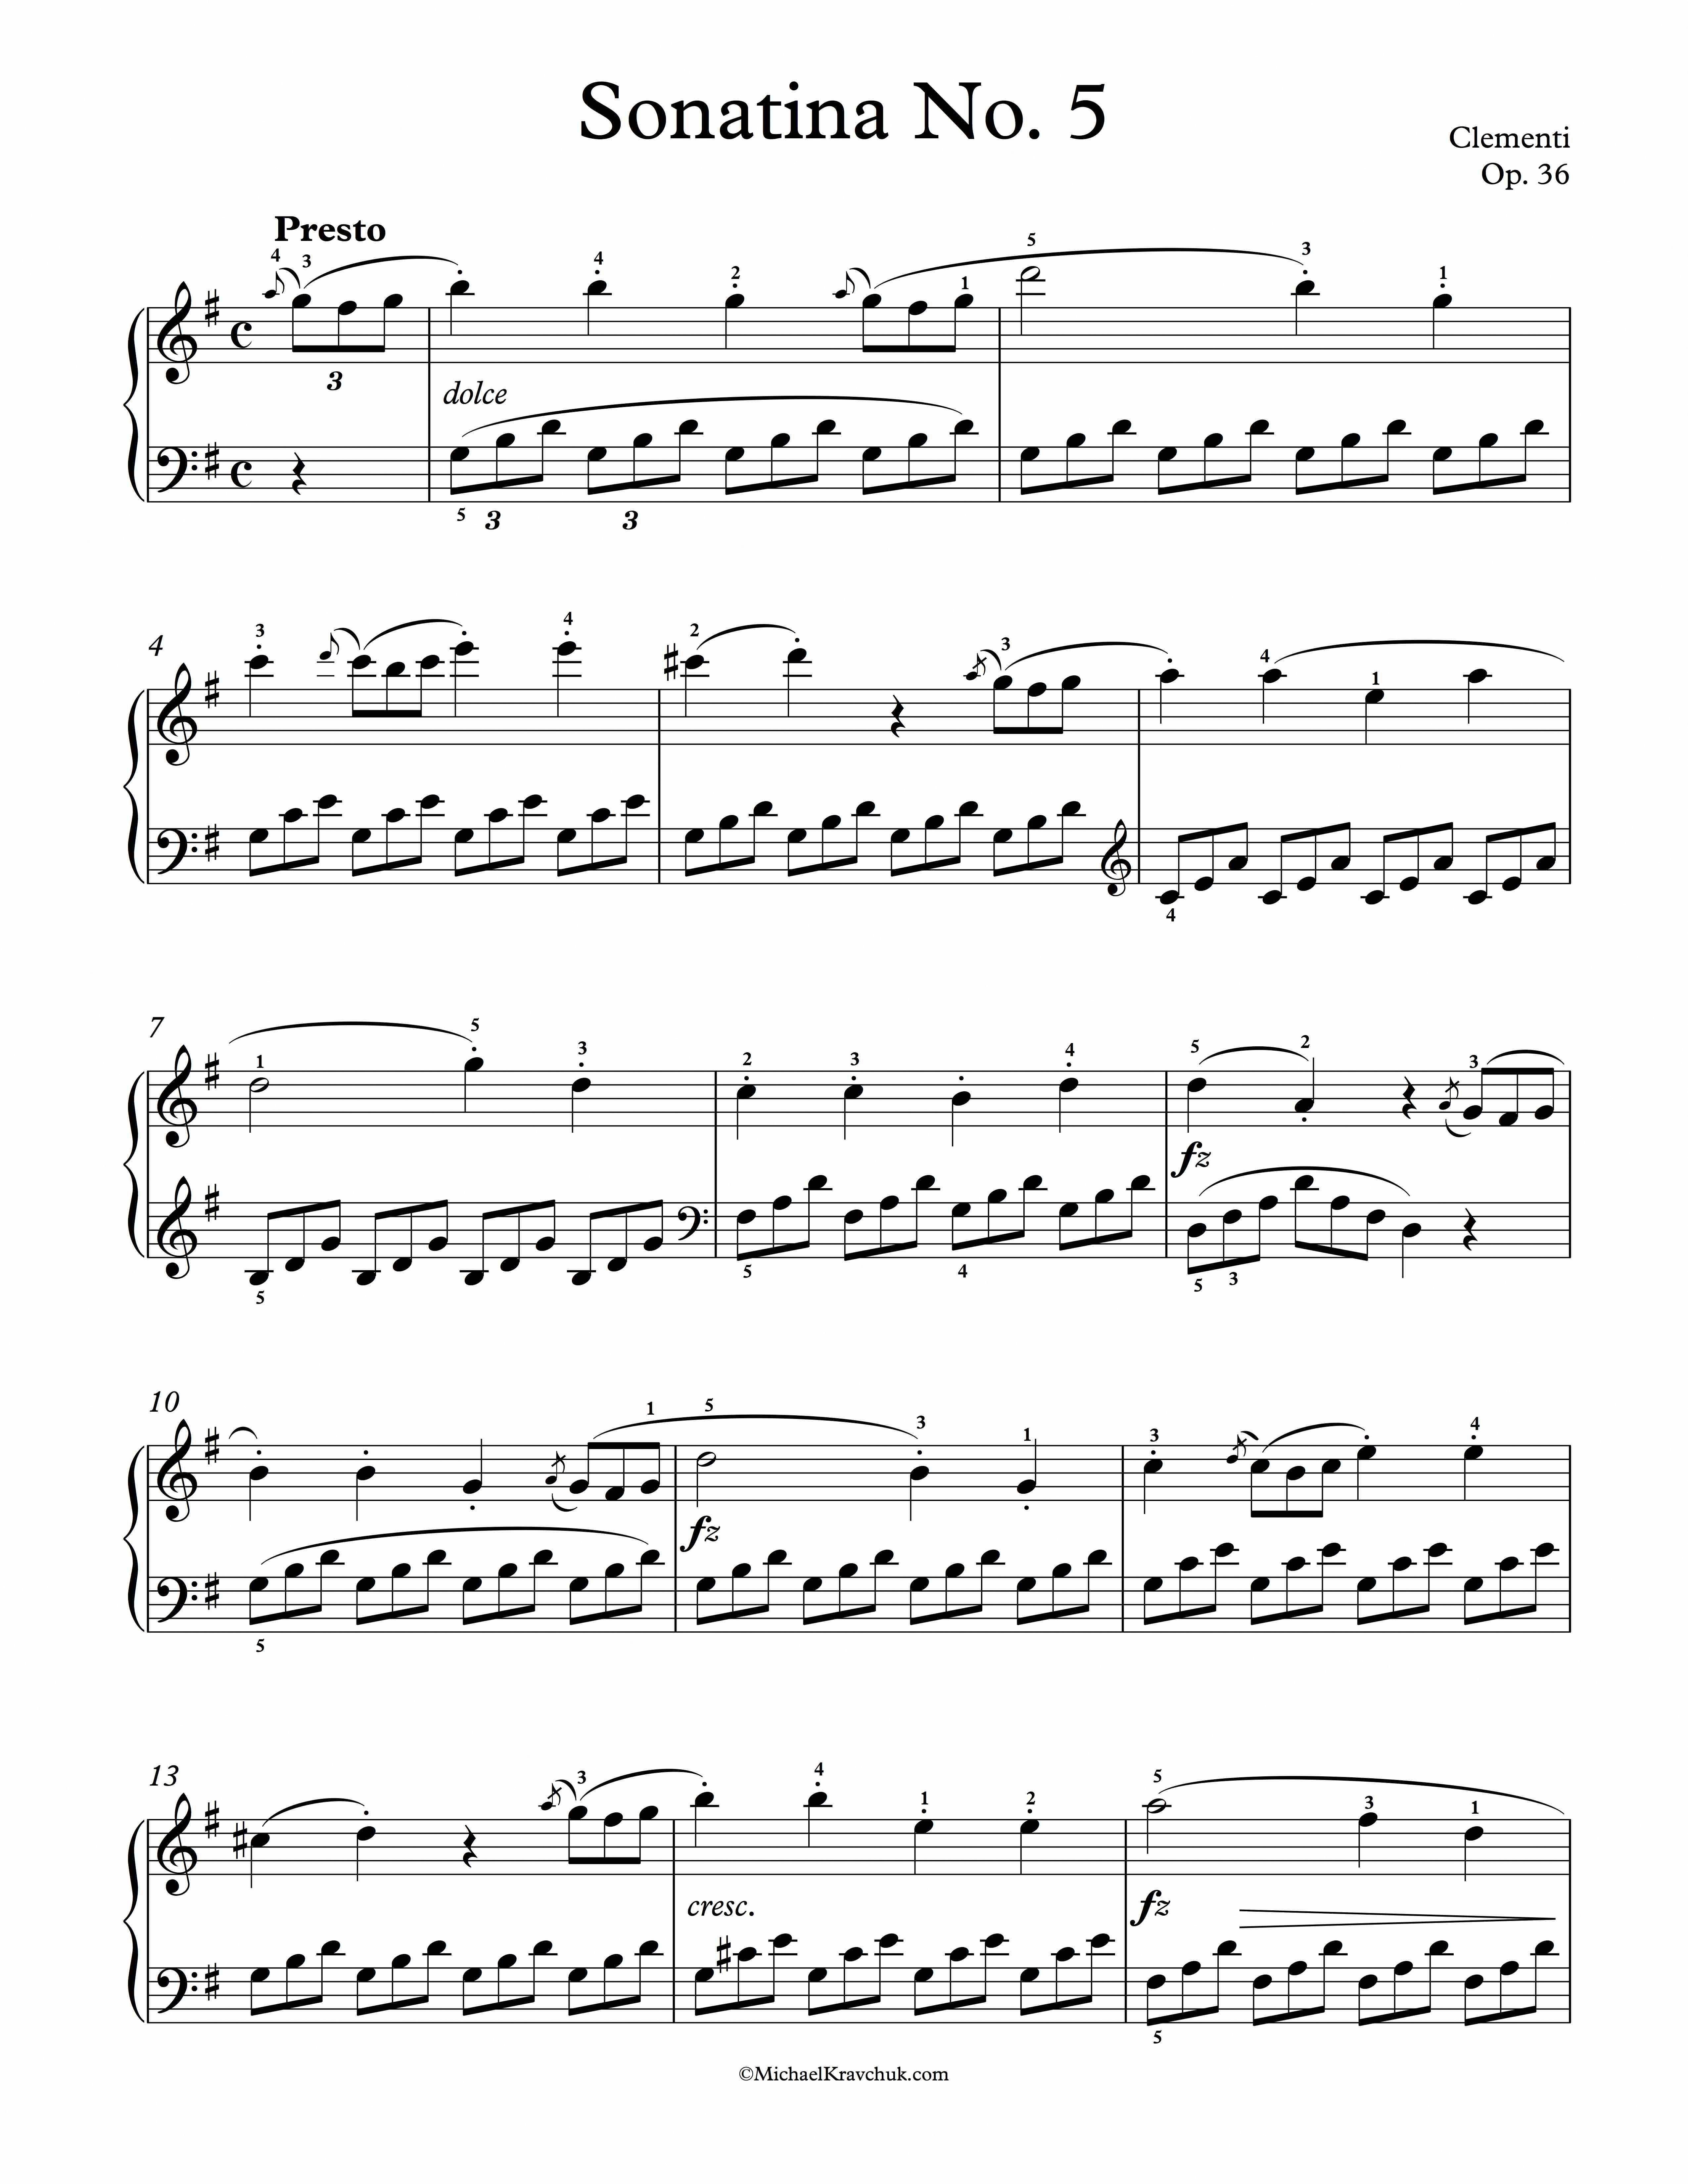 Free Piano Sheet Music Sonatina Op 36 No 5 Clementi In